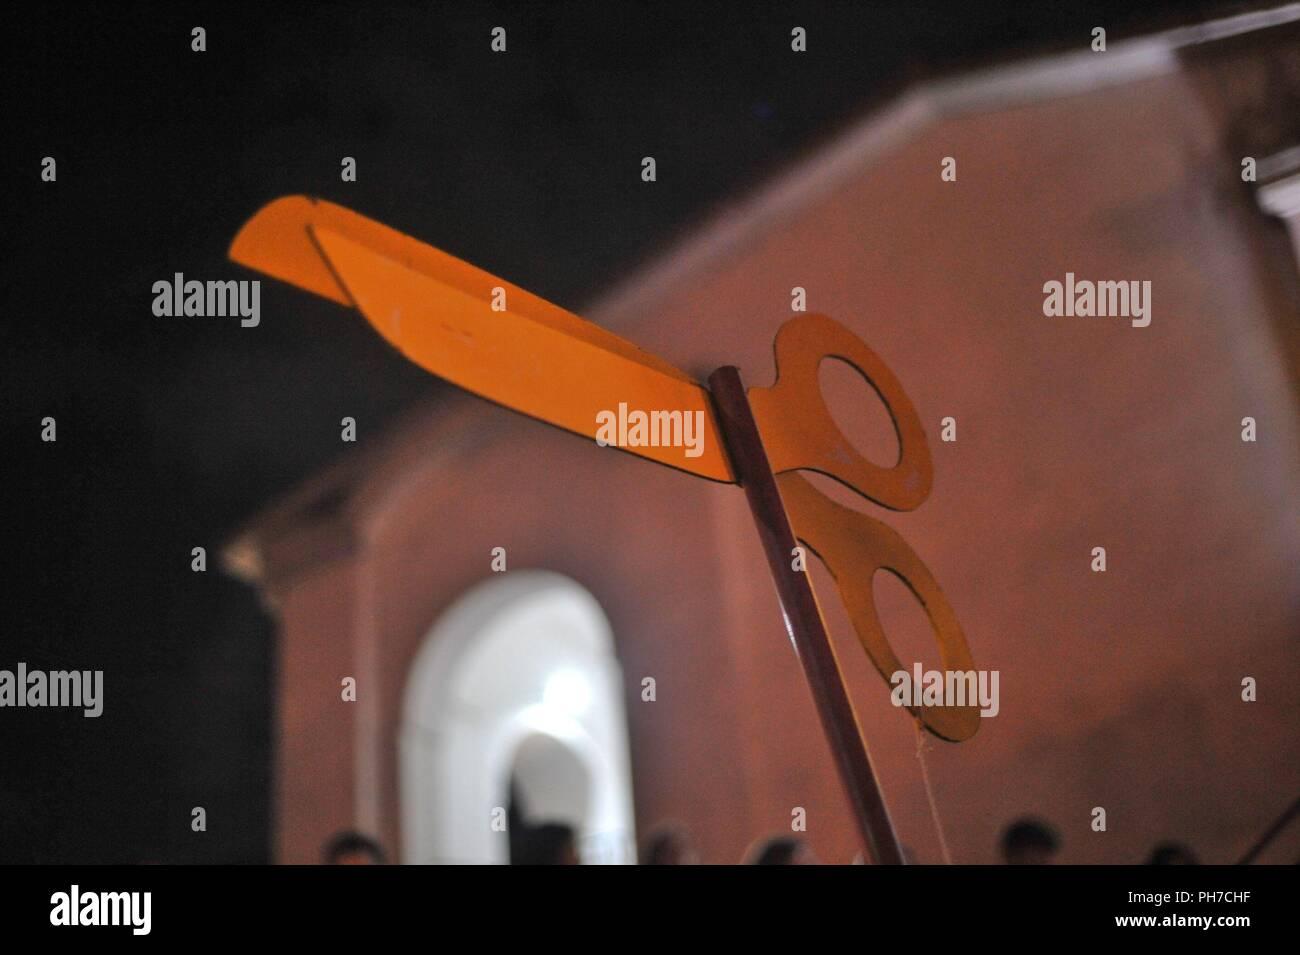 Scissor Symbol Stock Photos Scissor Symbol Stock Images Alamy